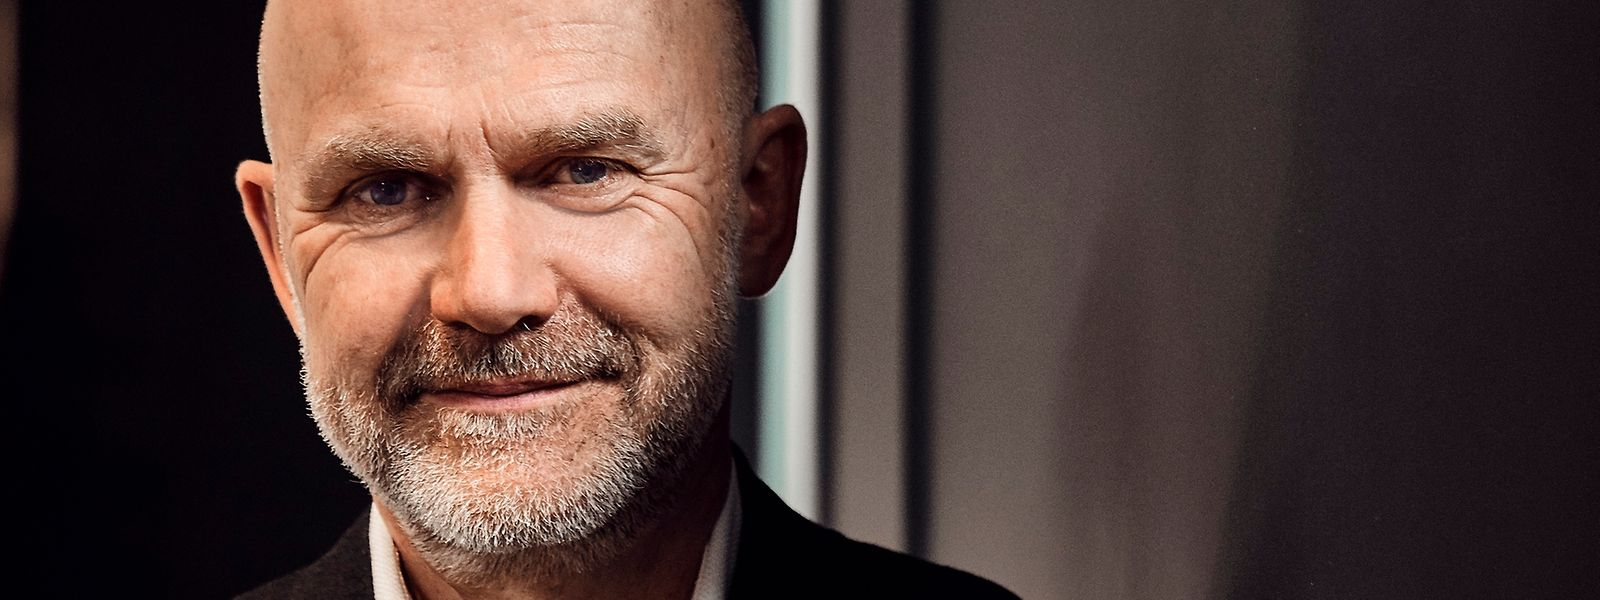 Gert Ysebaert, CEO de Mediahuis, estime que l'identité du Luxemburger Wort «relève de la responsabilité des rédactions»